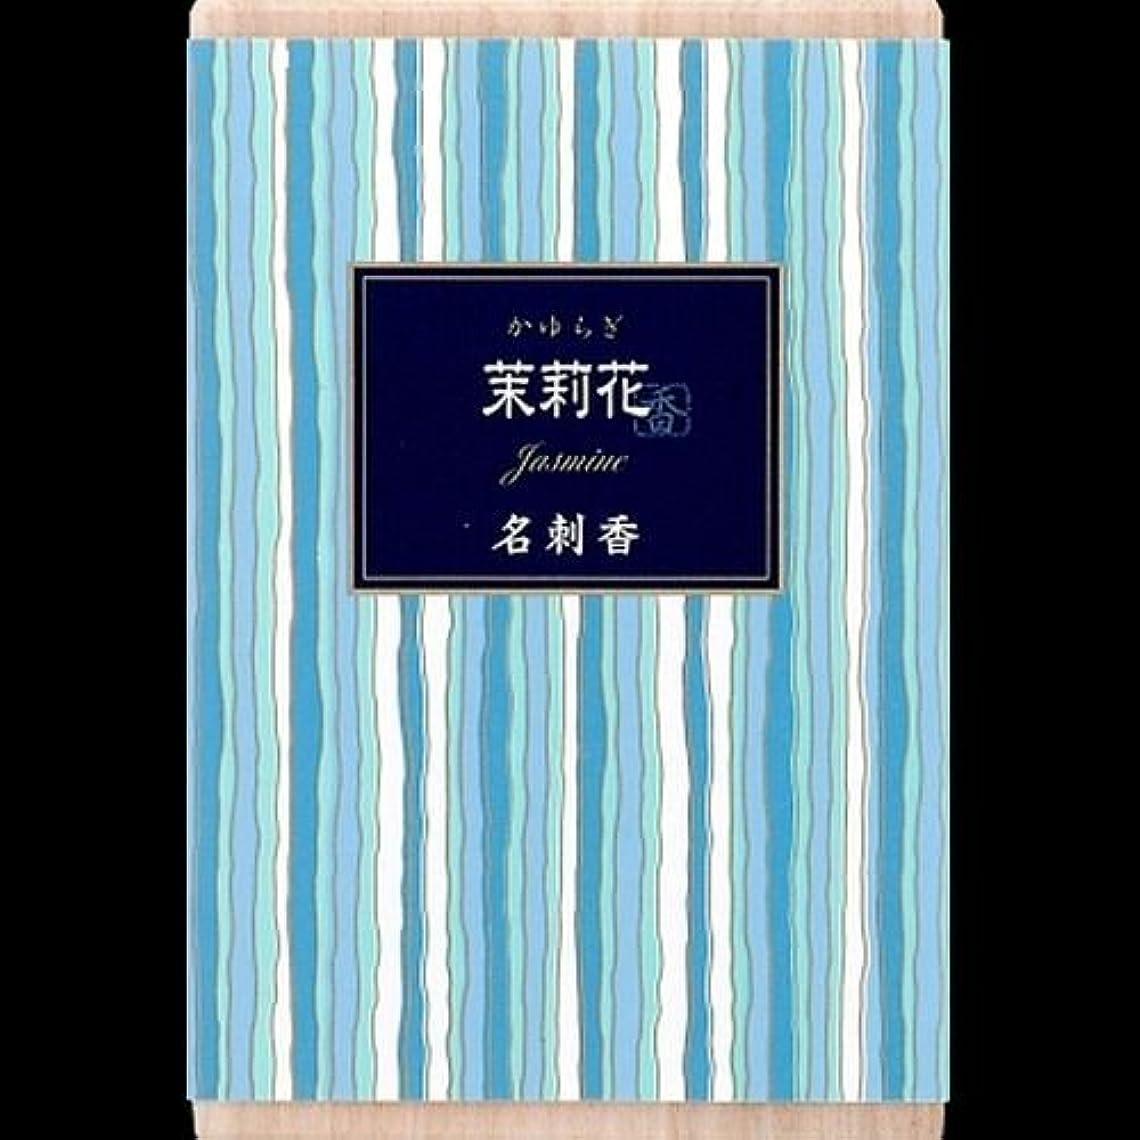 台風審判暴力【まとめ買い】かゆらぎ 茉莉花 名刺香 桐箱 6入 ×2セット